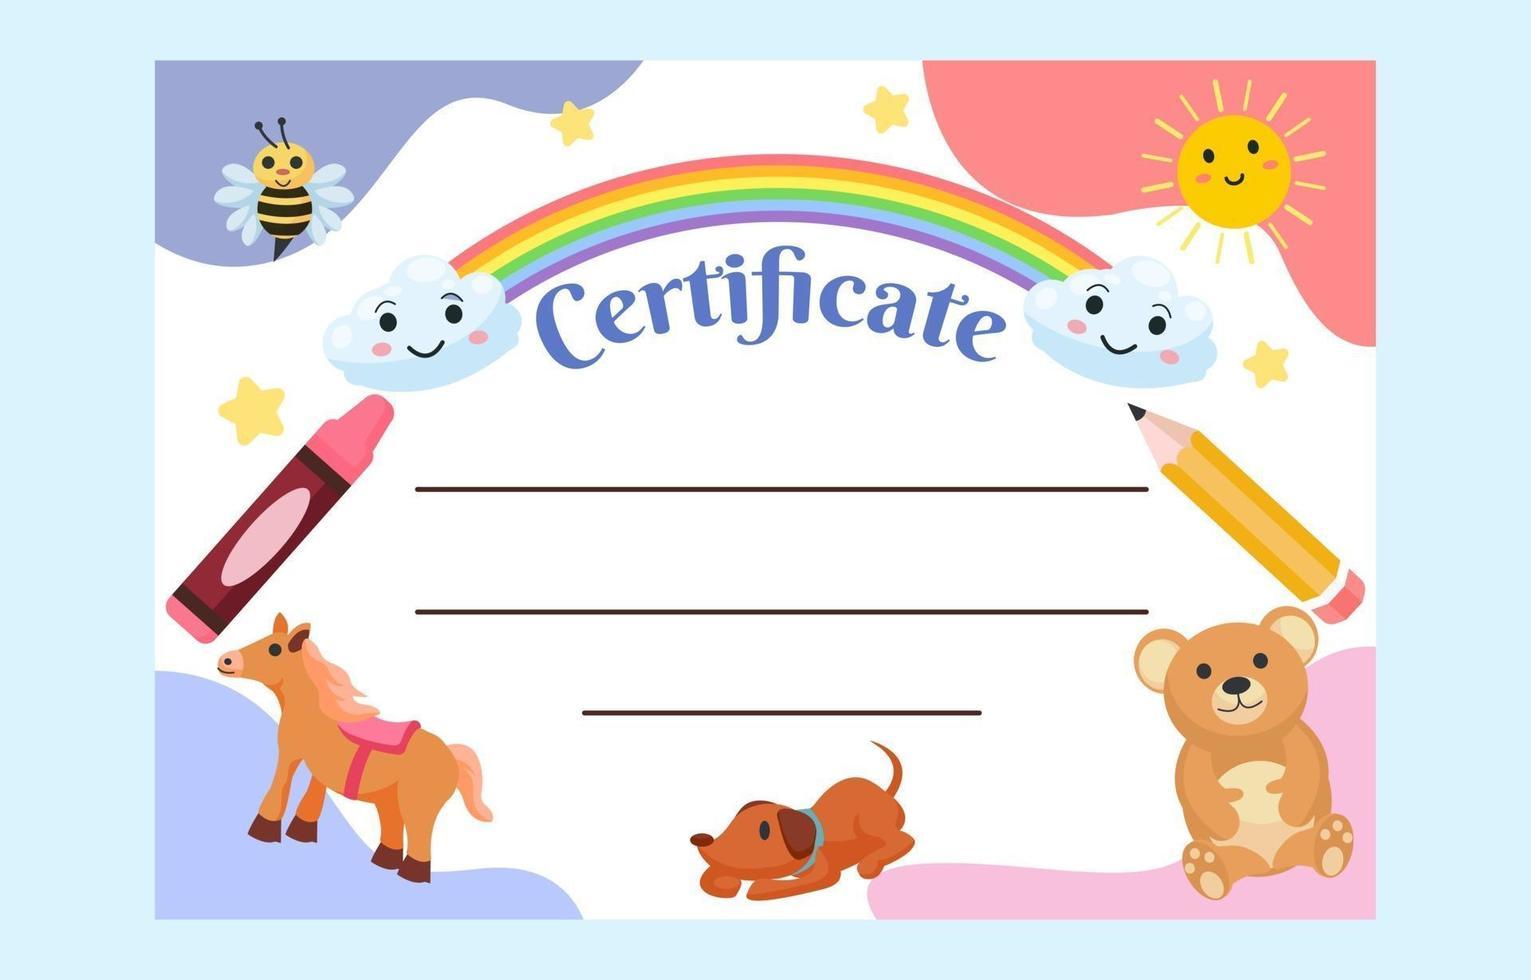 modèle de certificat pour enfants avec des personnages mignons vecteur